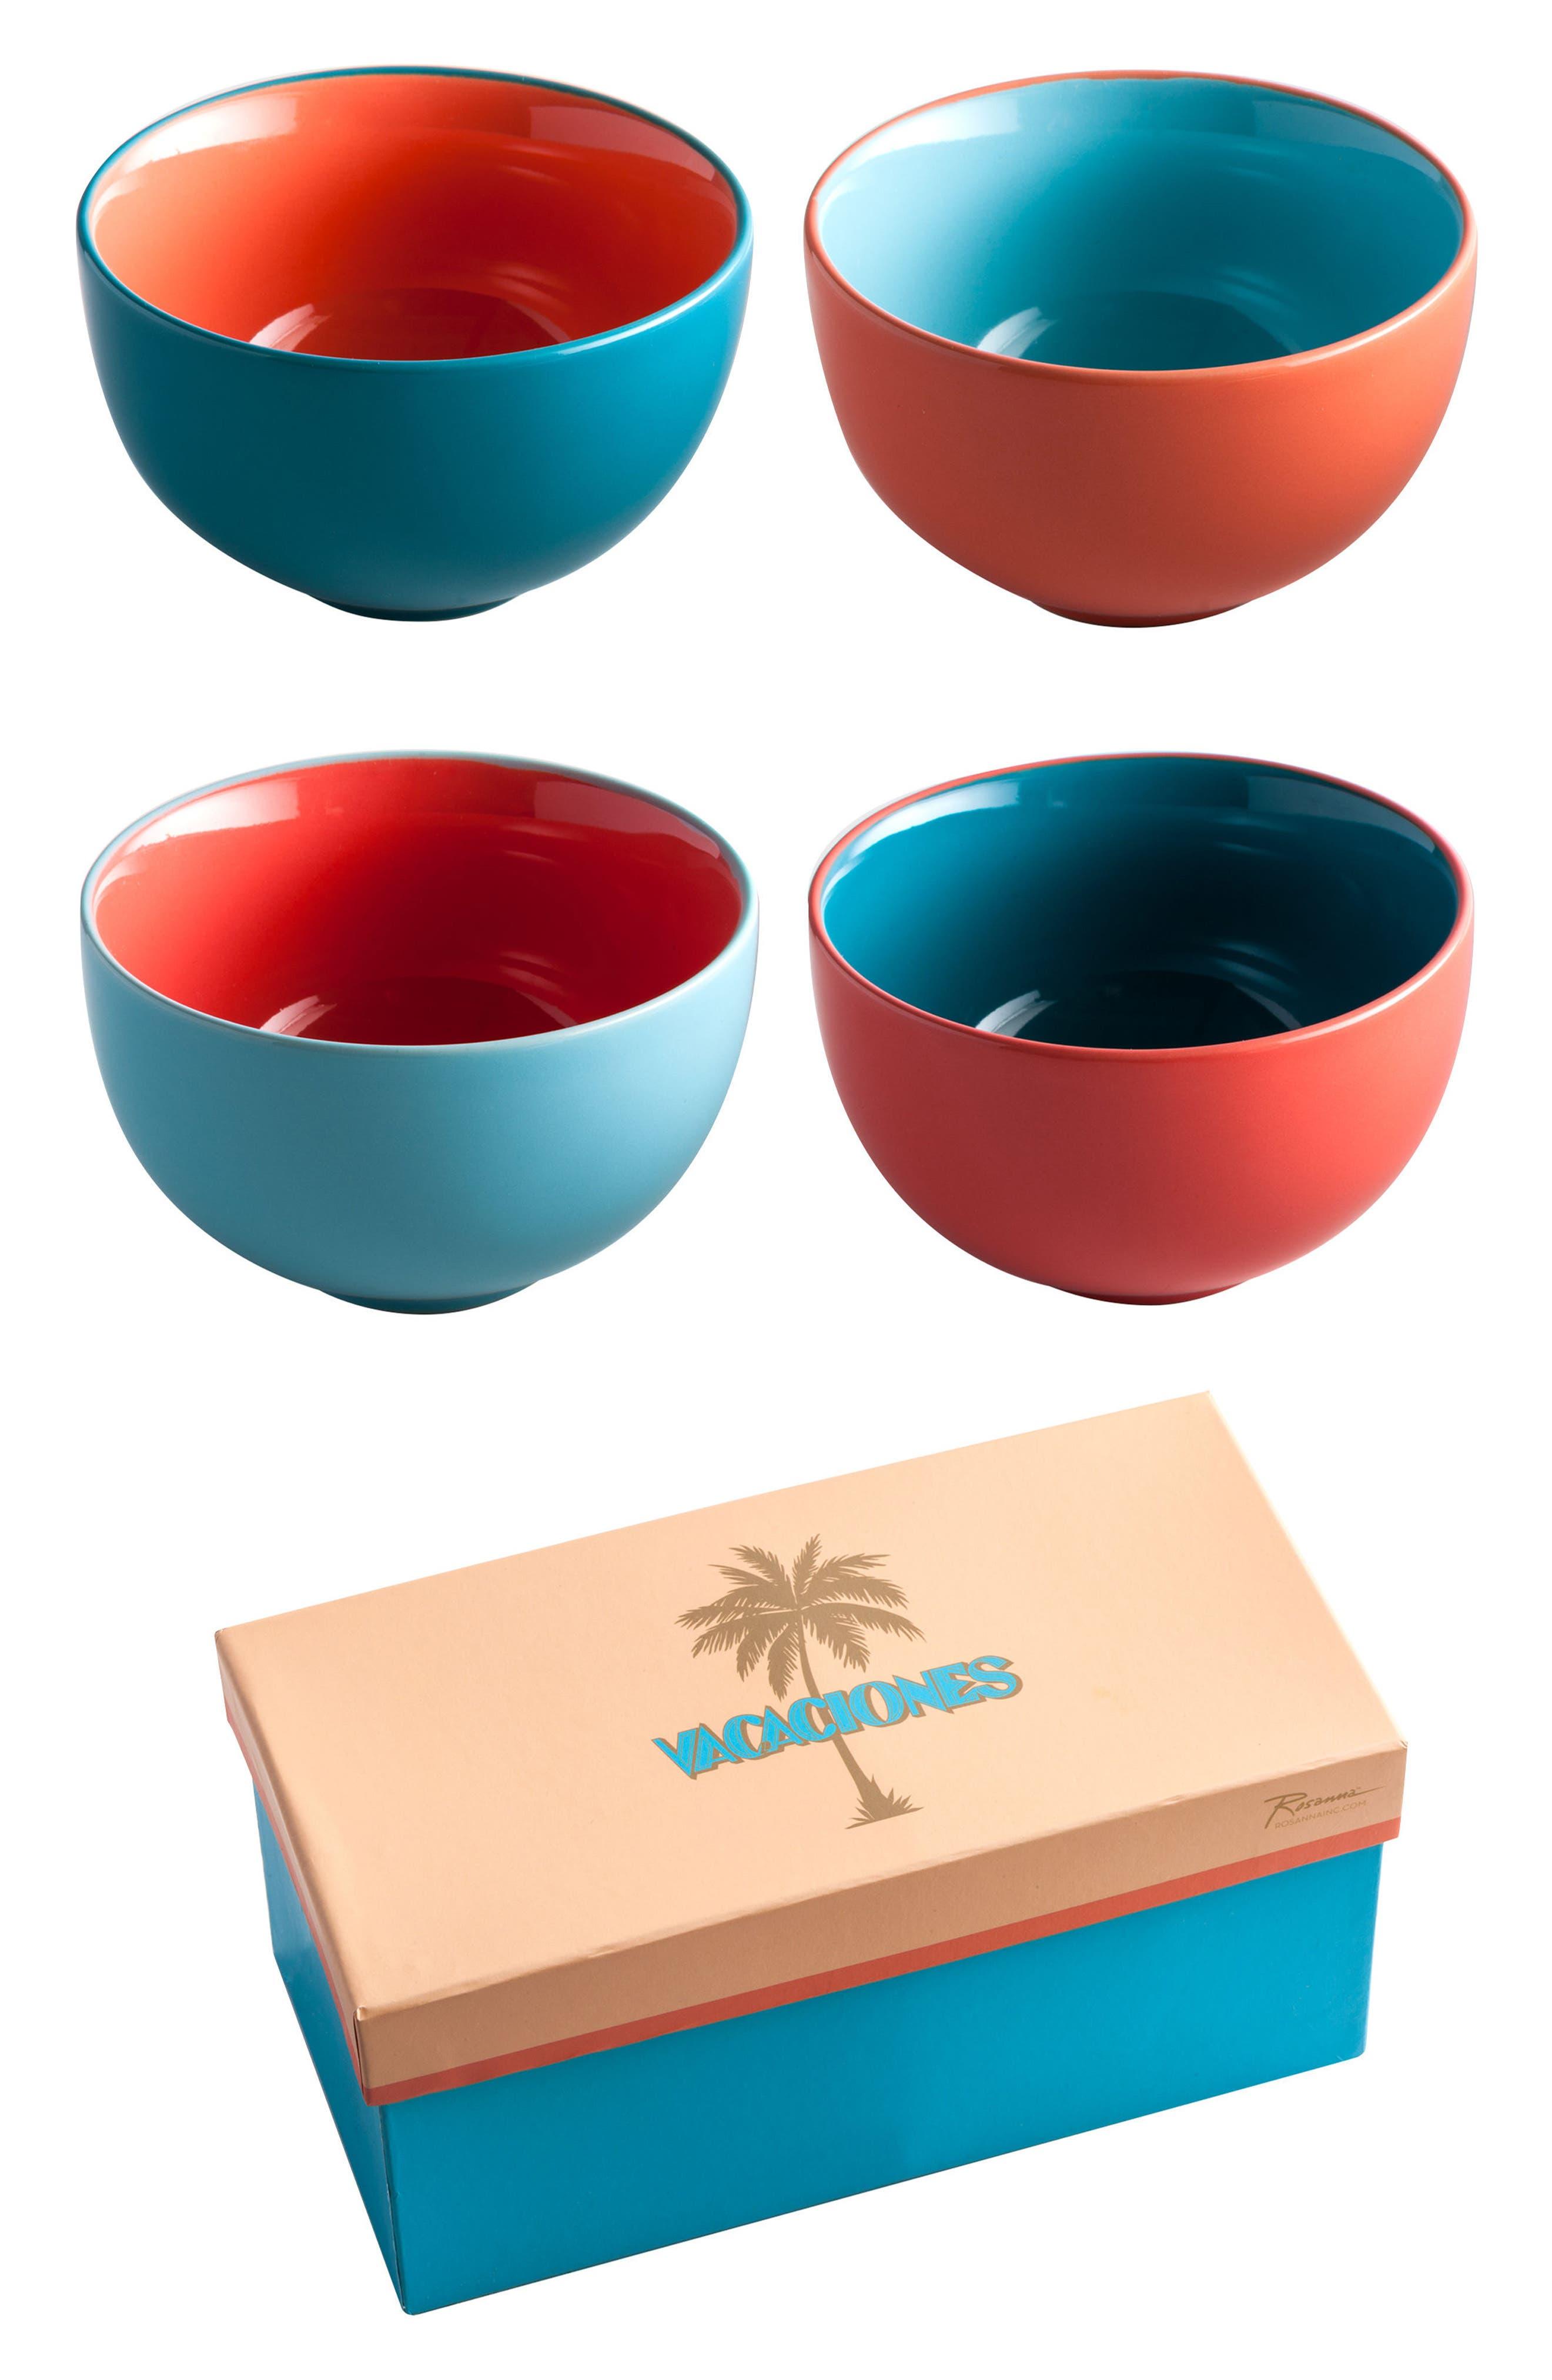 Alternate Image 1 Selected - Rosanna Vacaciones Set of 4 Bowls